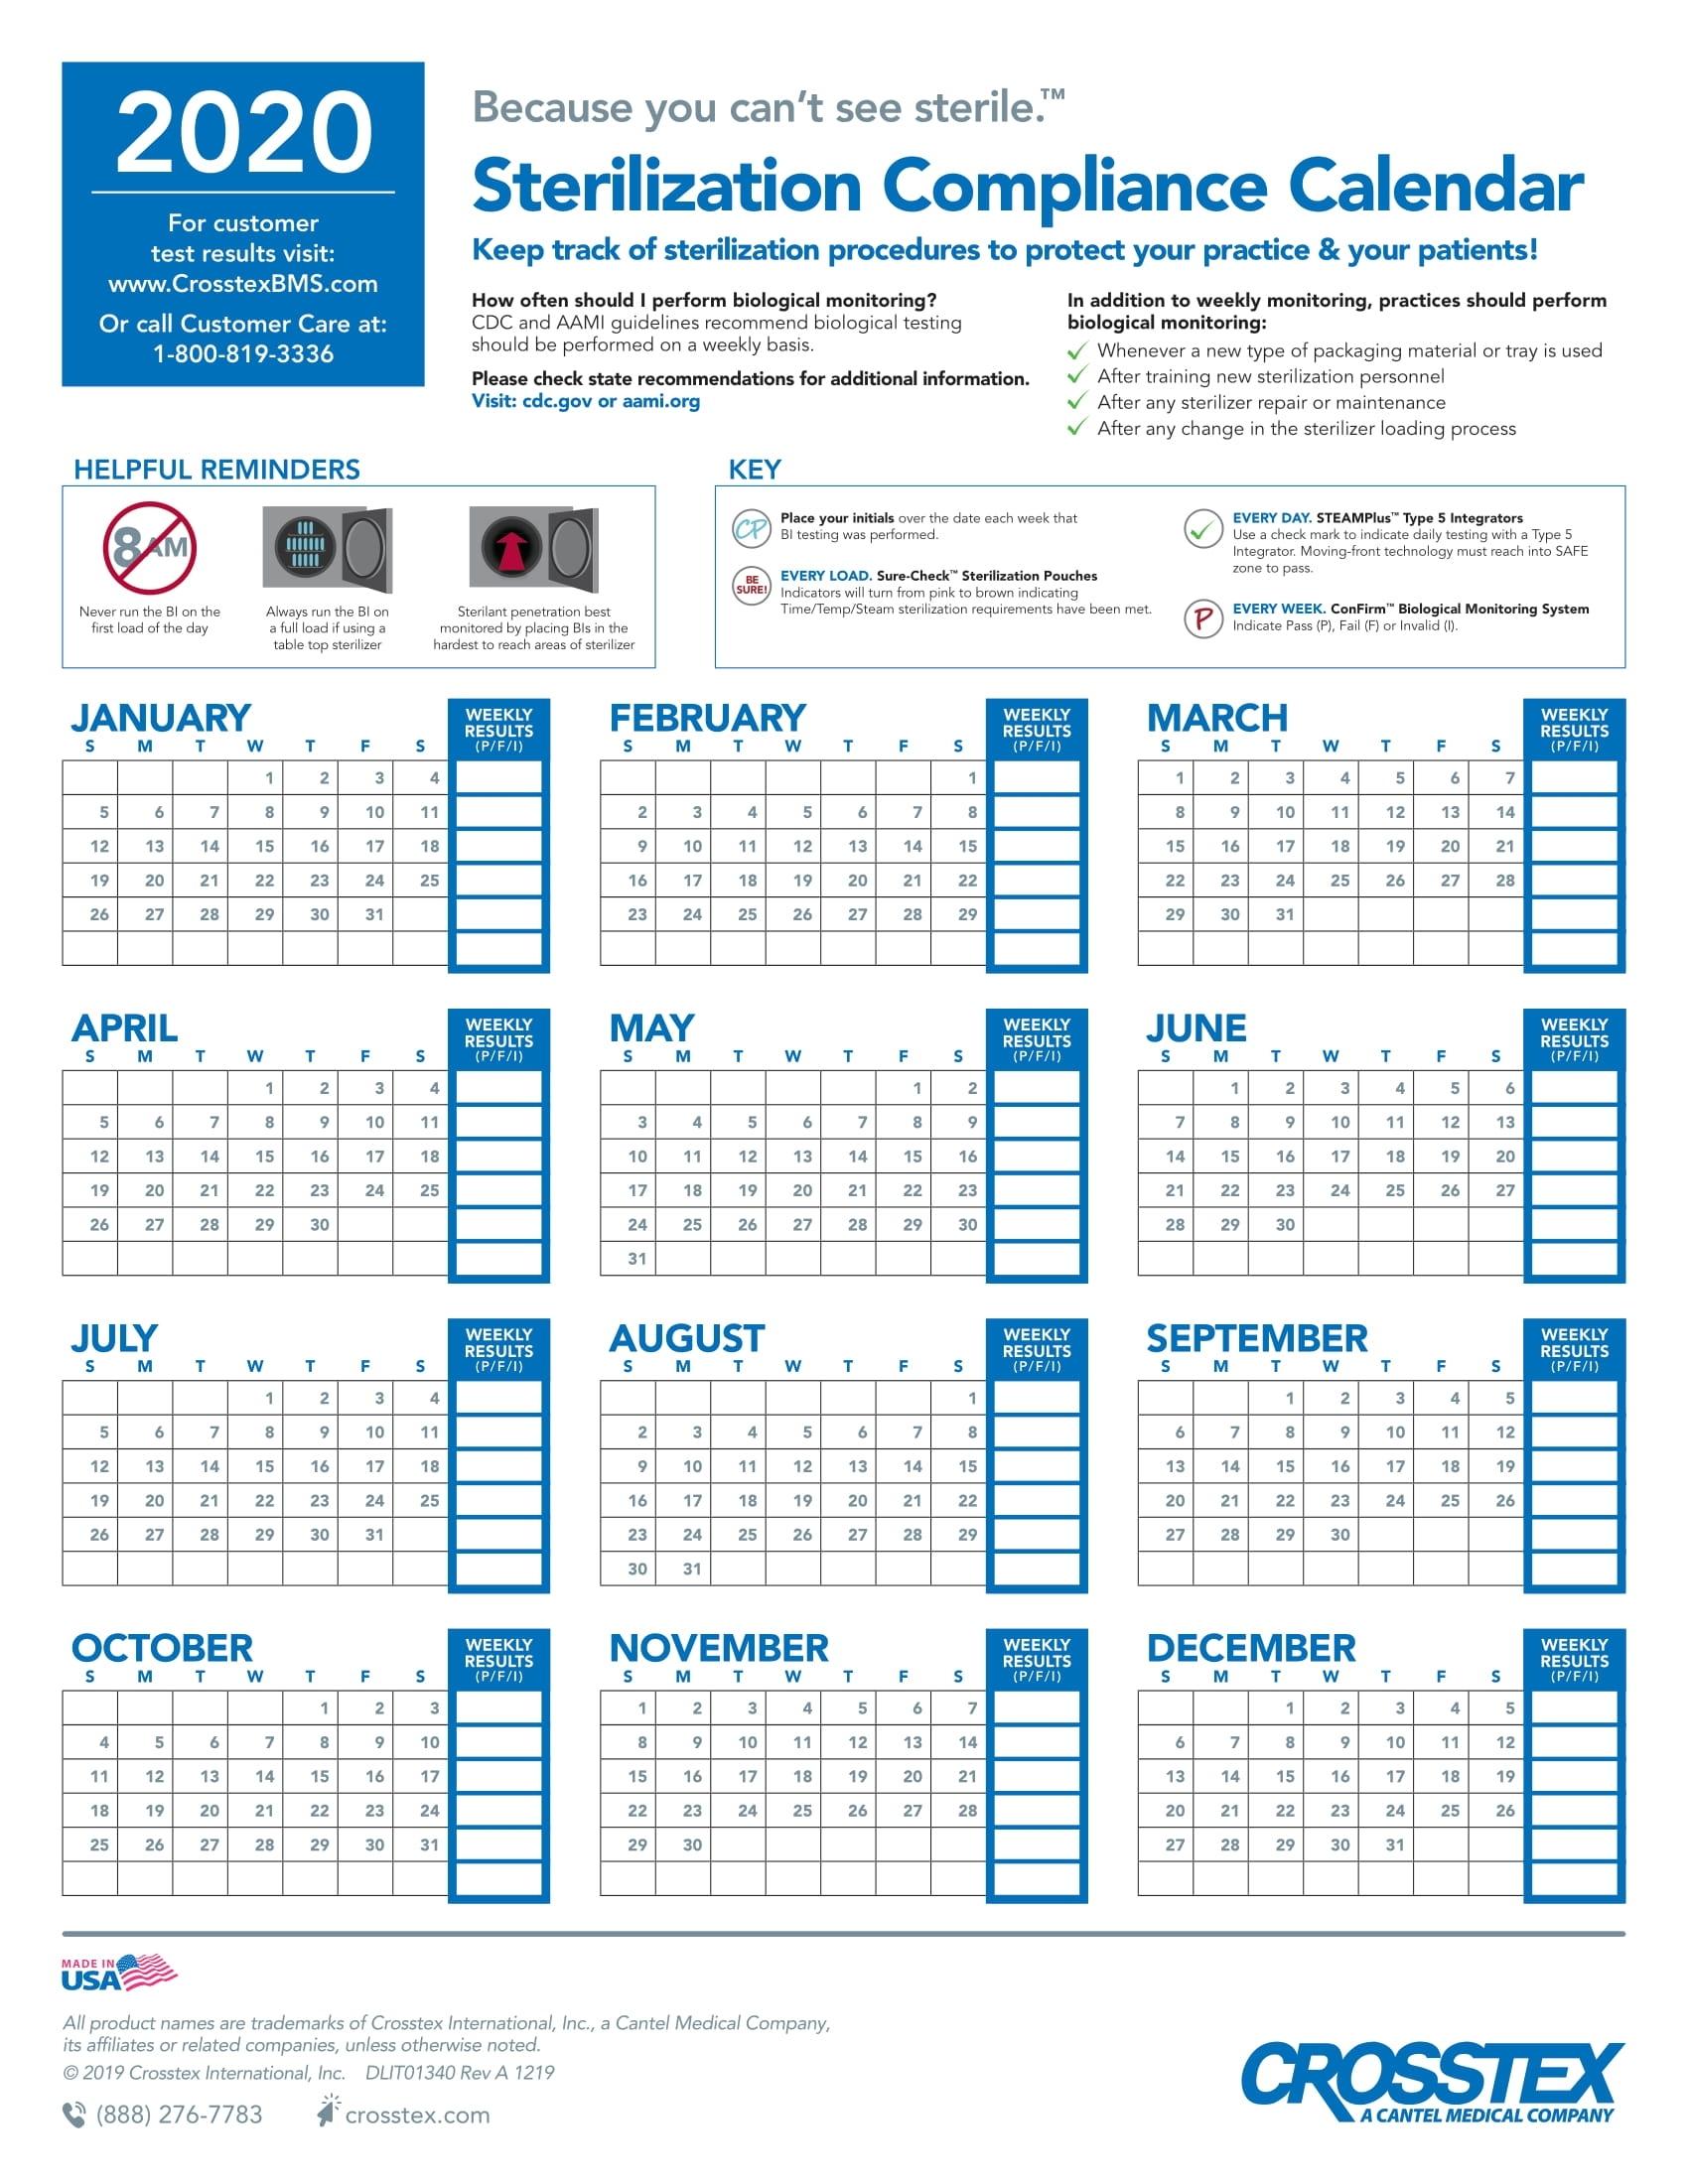 28 Day Vial Expiration Calendar 2020